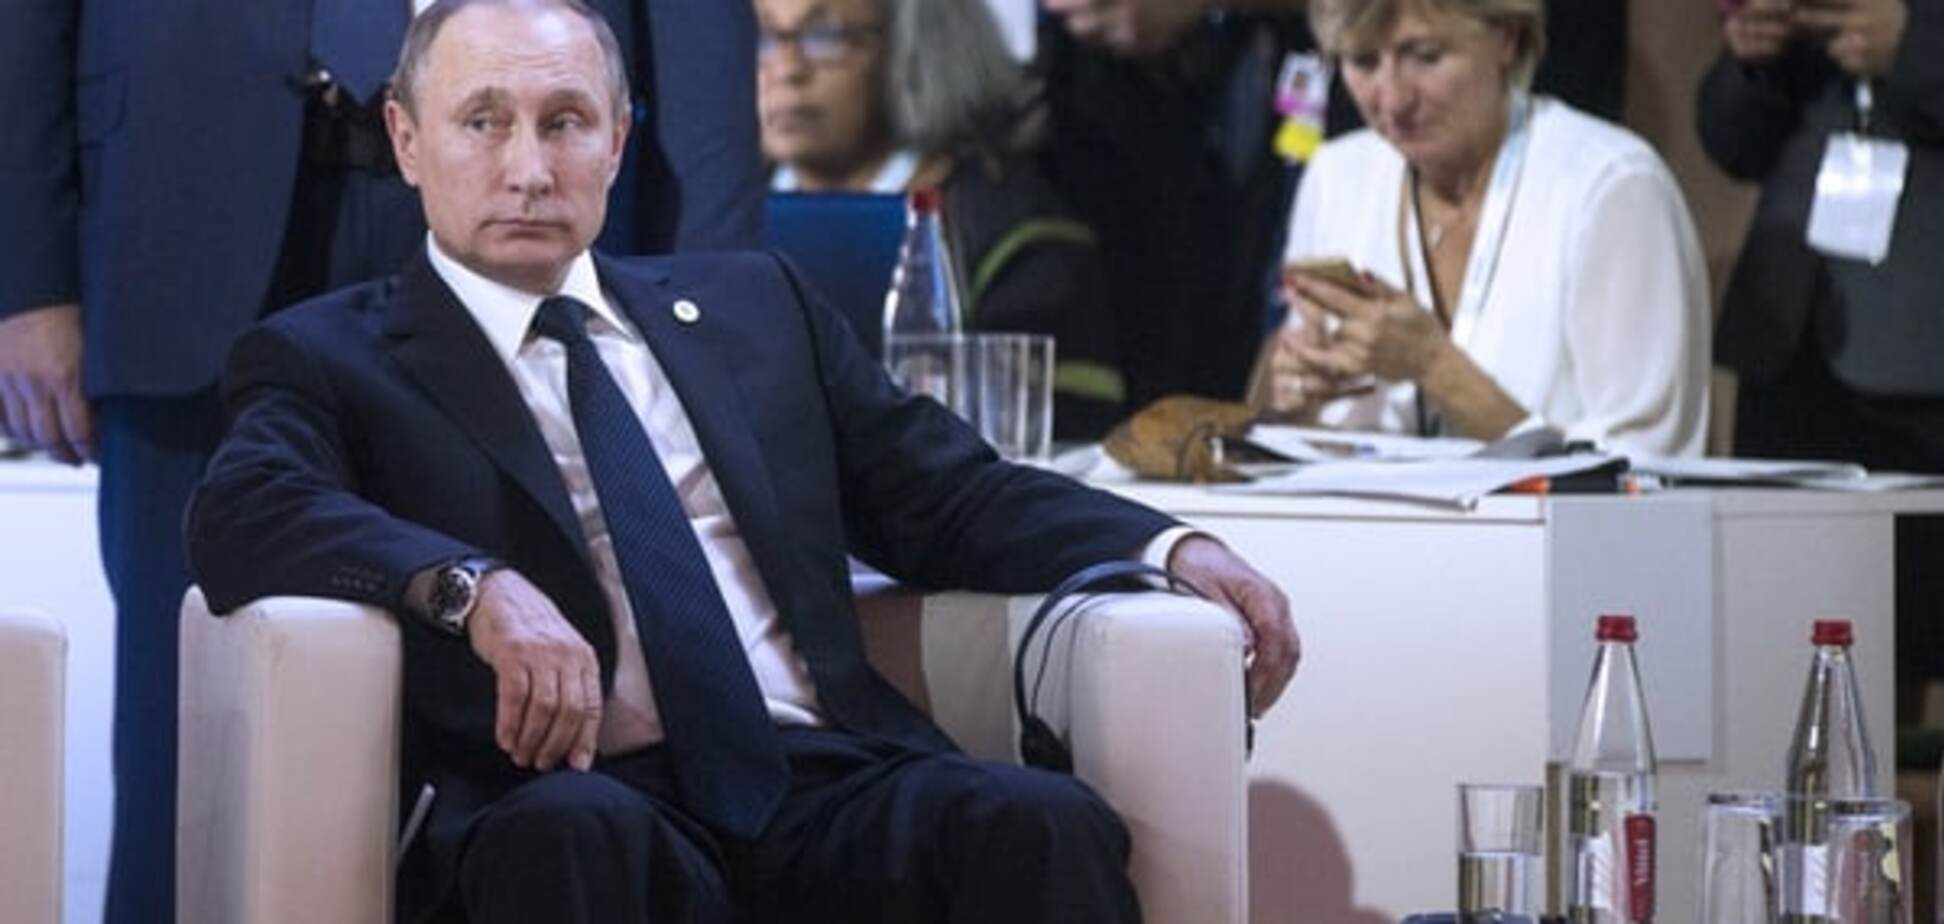 Крим прискорює падіння Путіна - російський журналіст